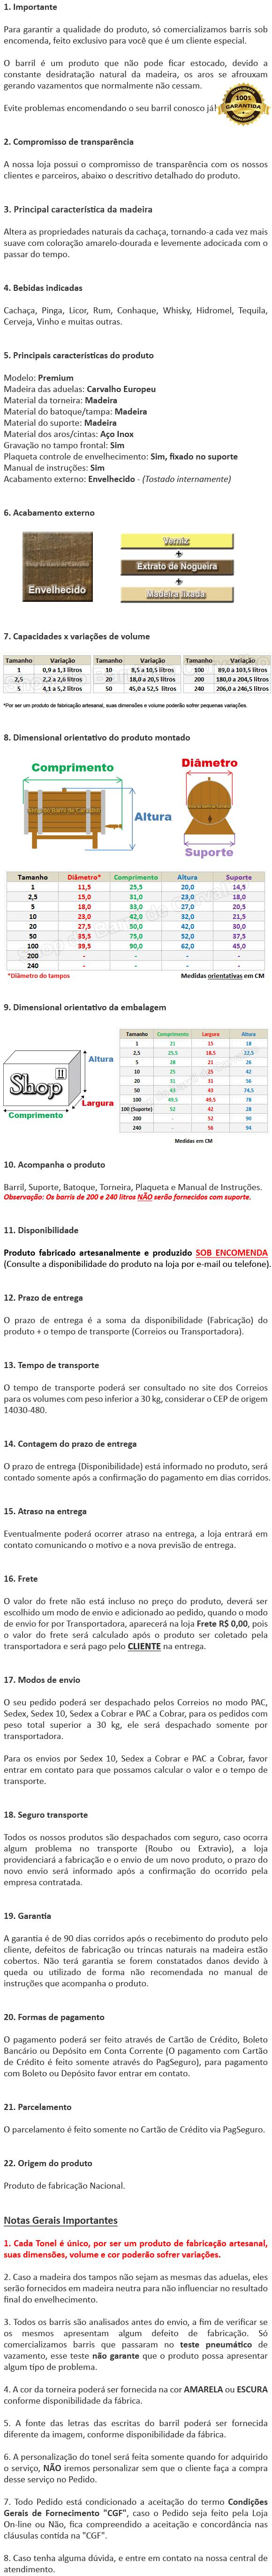 Descricao-Barril-Carvalho-Europeu-Premium-Envelhecido.png